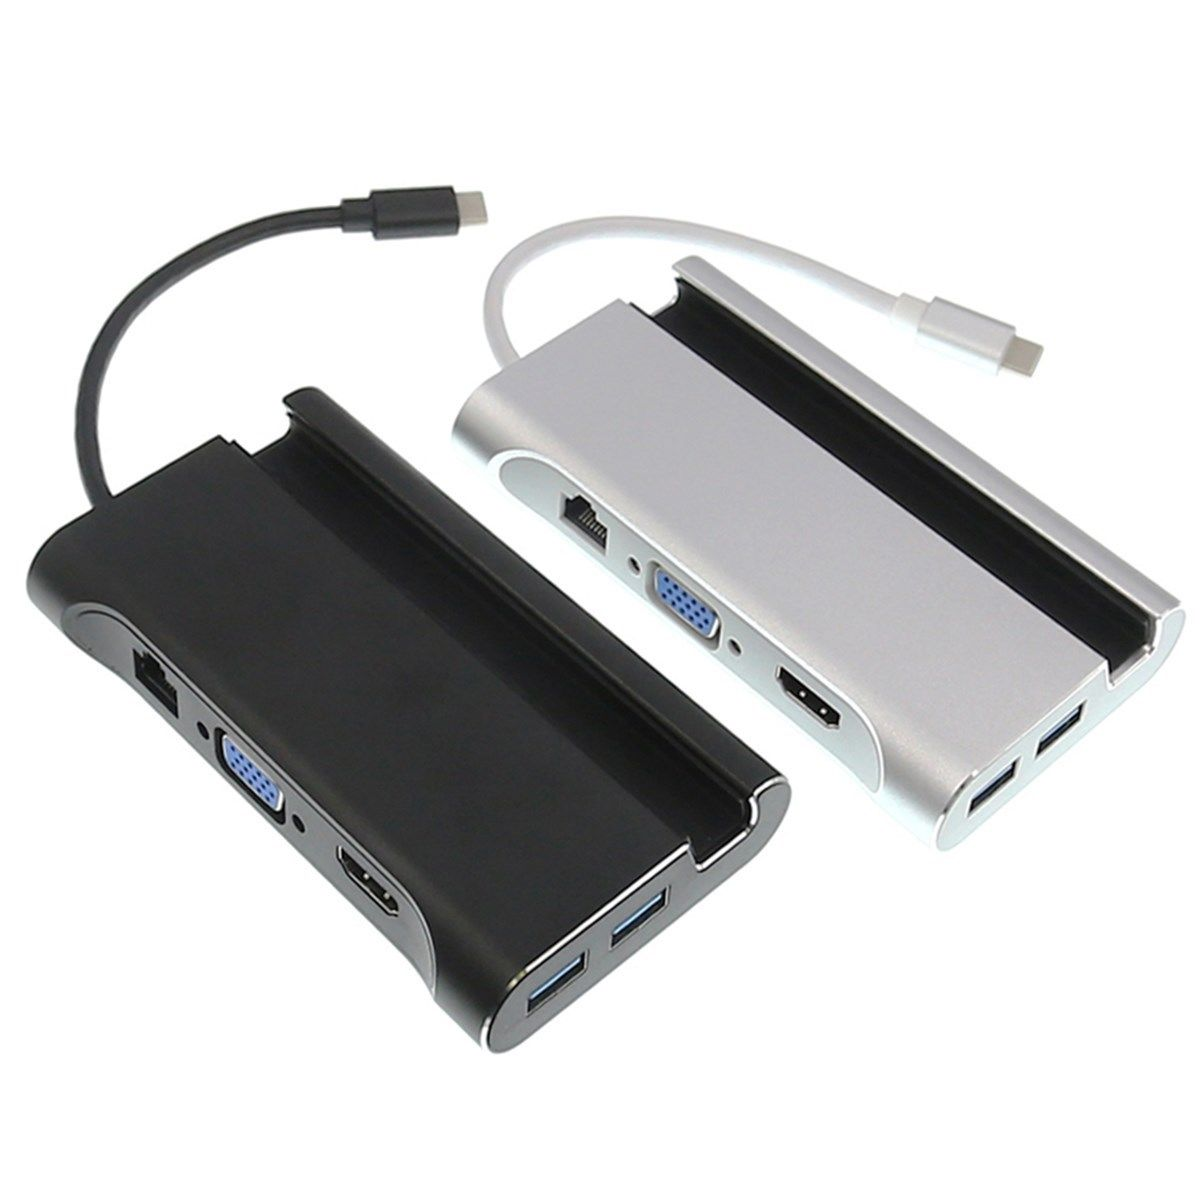 7In1 Usb C a 4 K Hdmi Vga Rj45 Ethernet Usb 3,1 puerto de tipo C adaptador de carga de Hub - 6